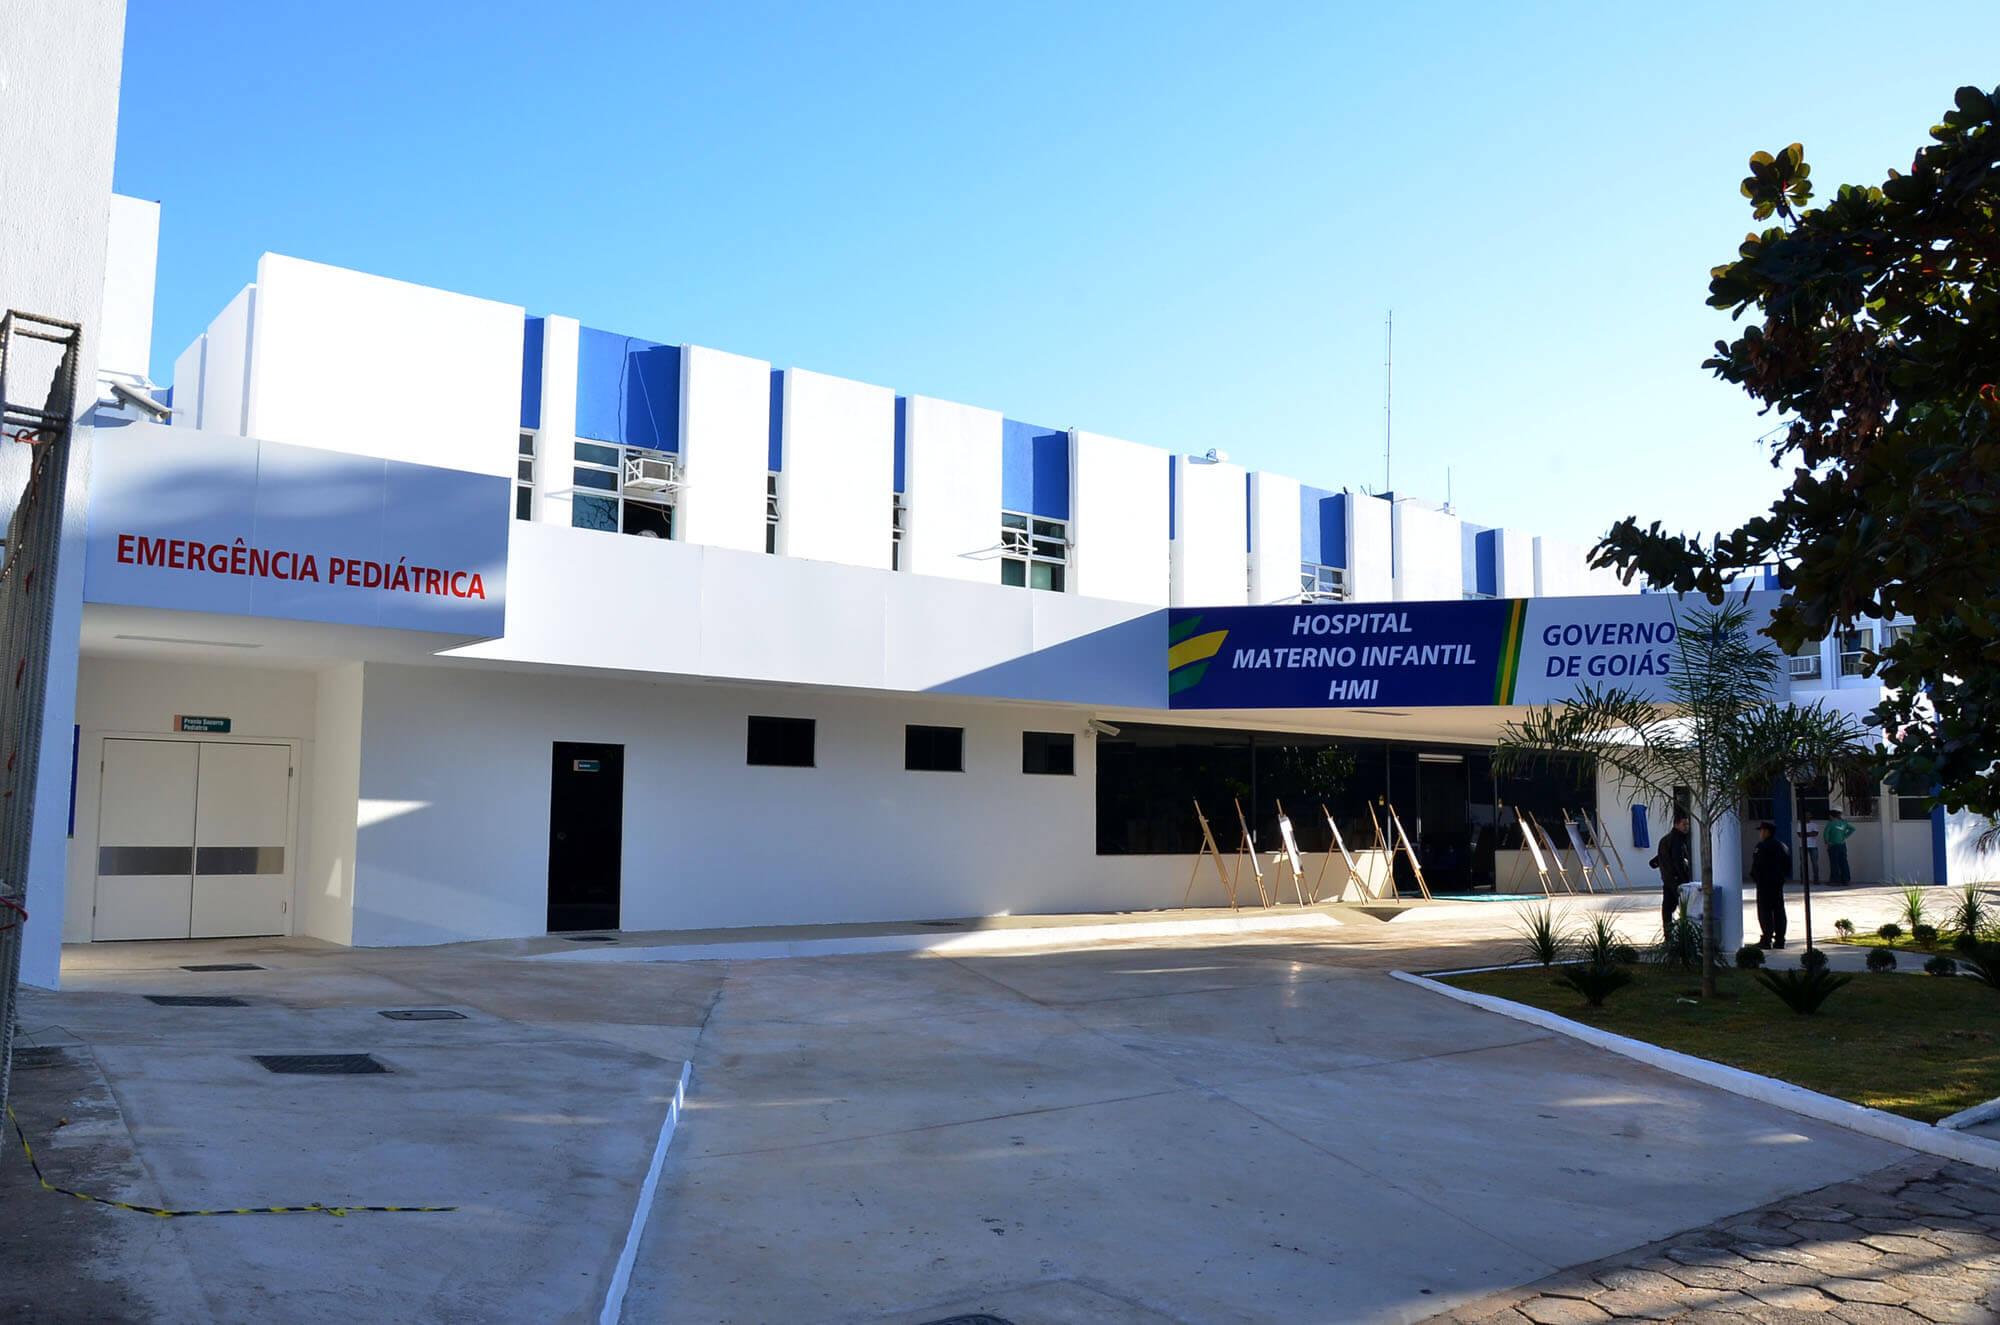 Divulgação/HMI GO